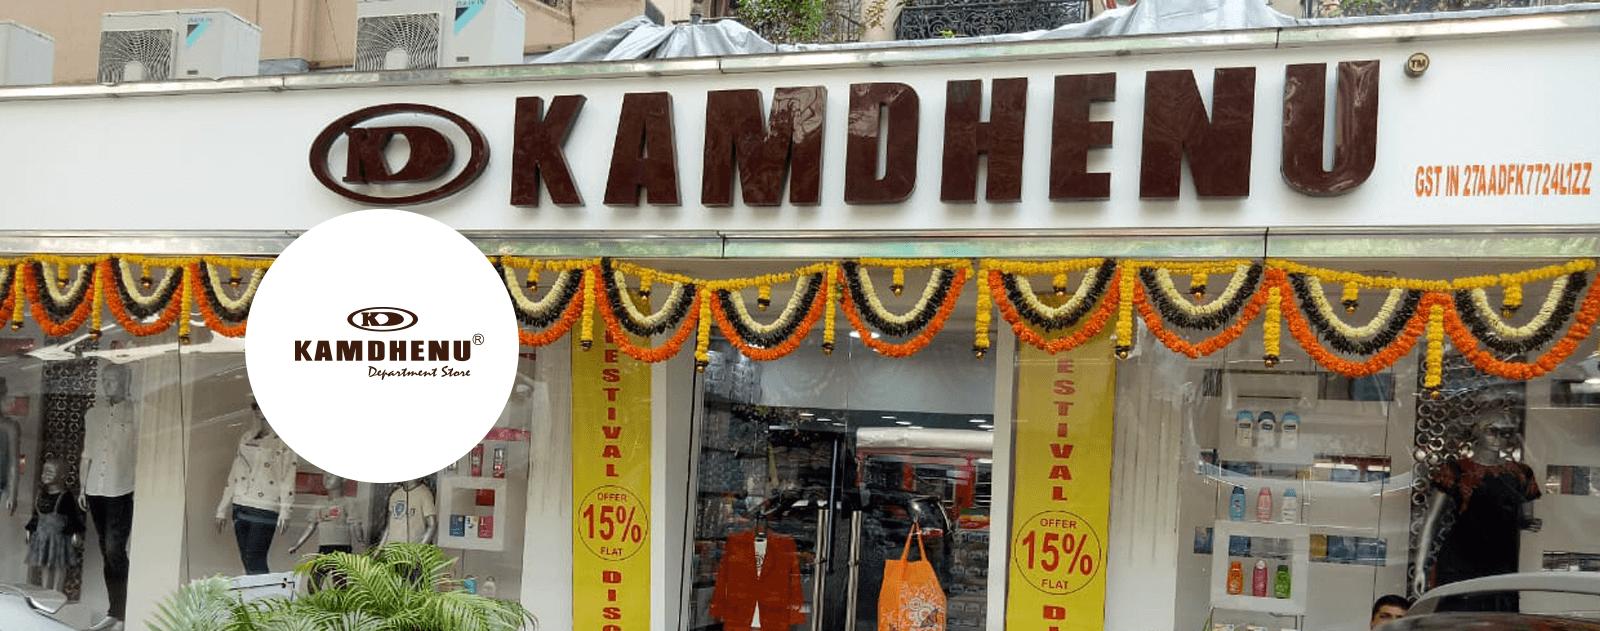 Pine Labs Merchants Success Stories: Kamdhenu